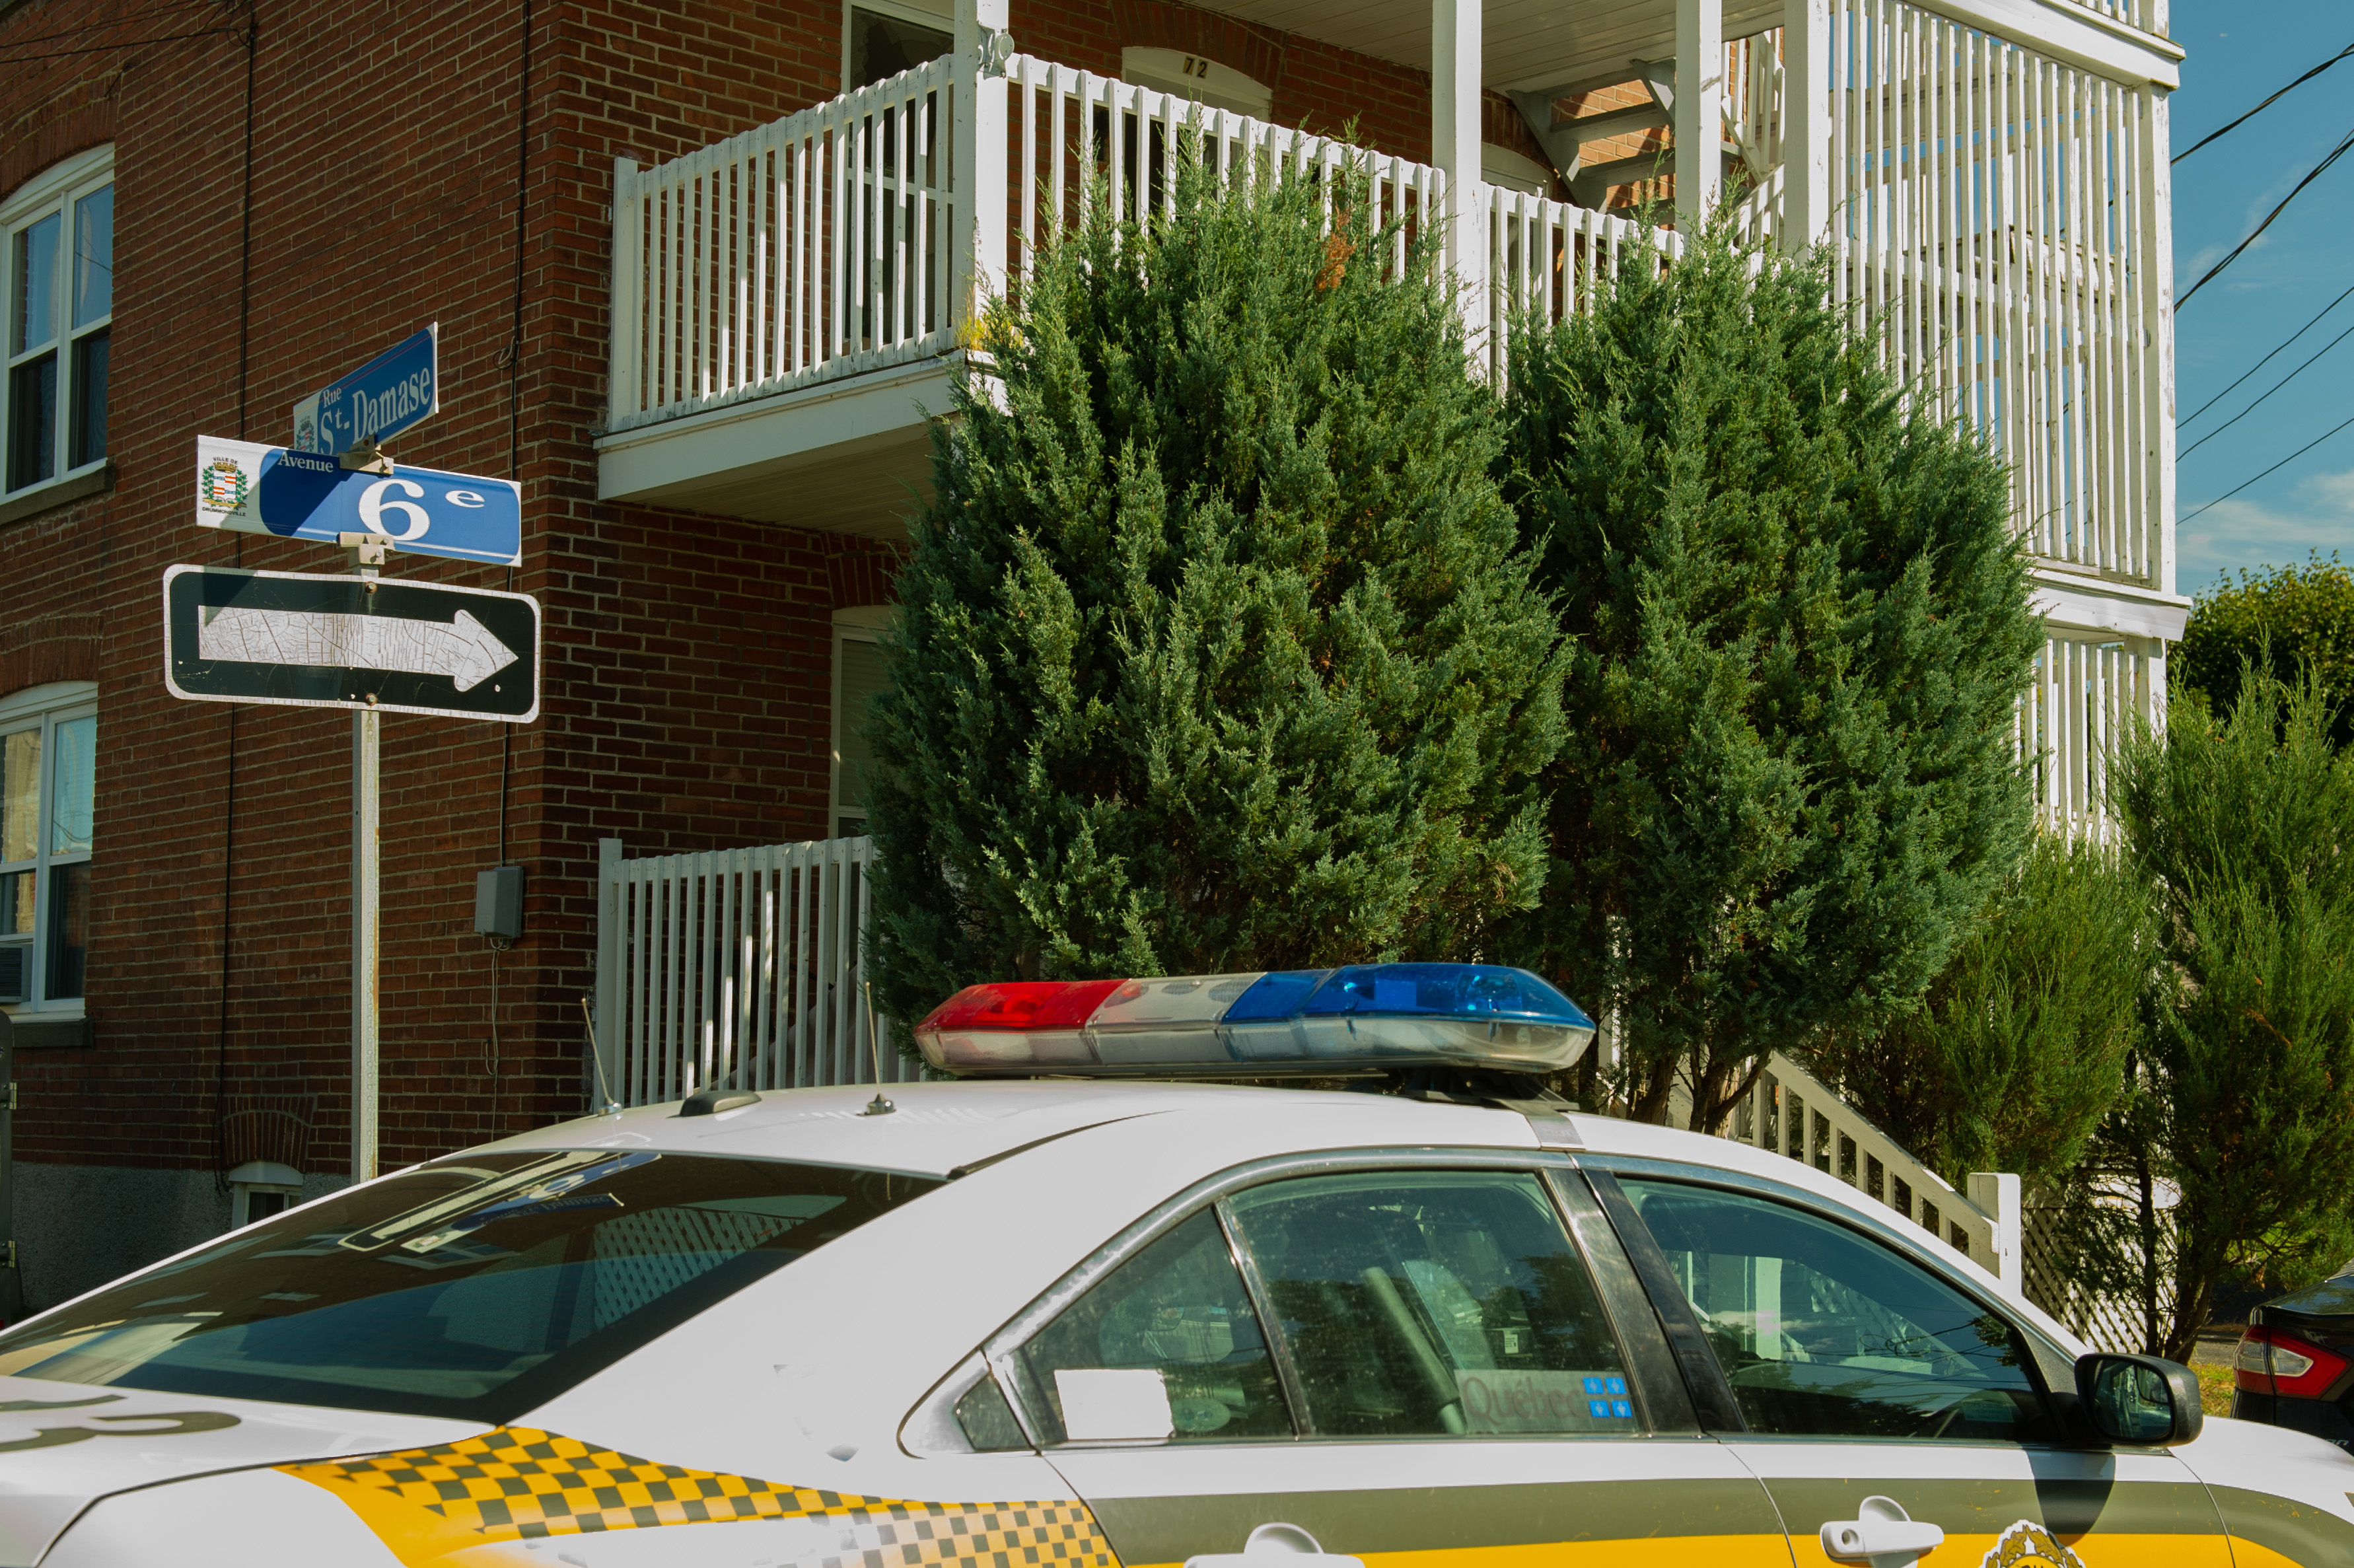 Une chicane mène les policiers à une perquisition